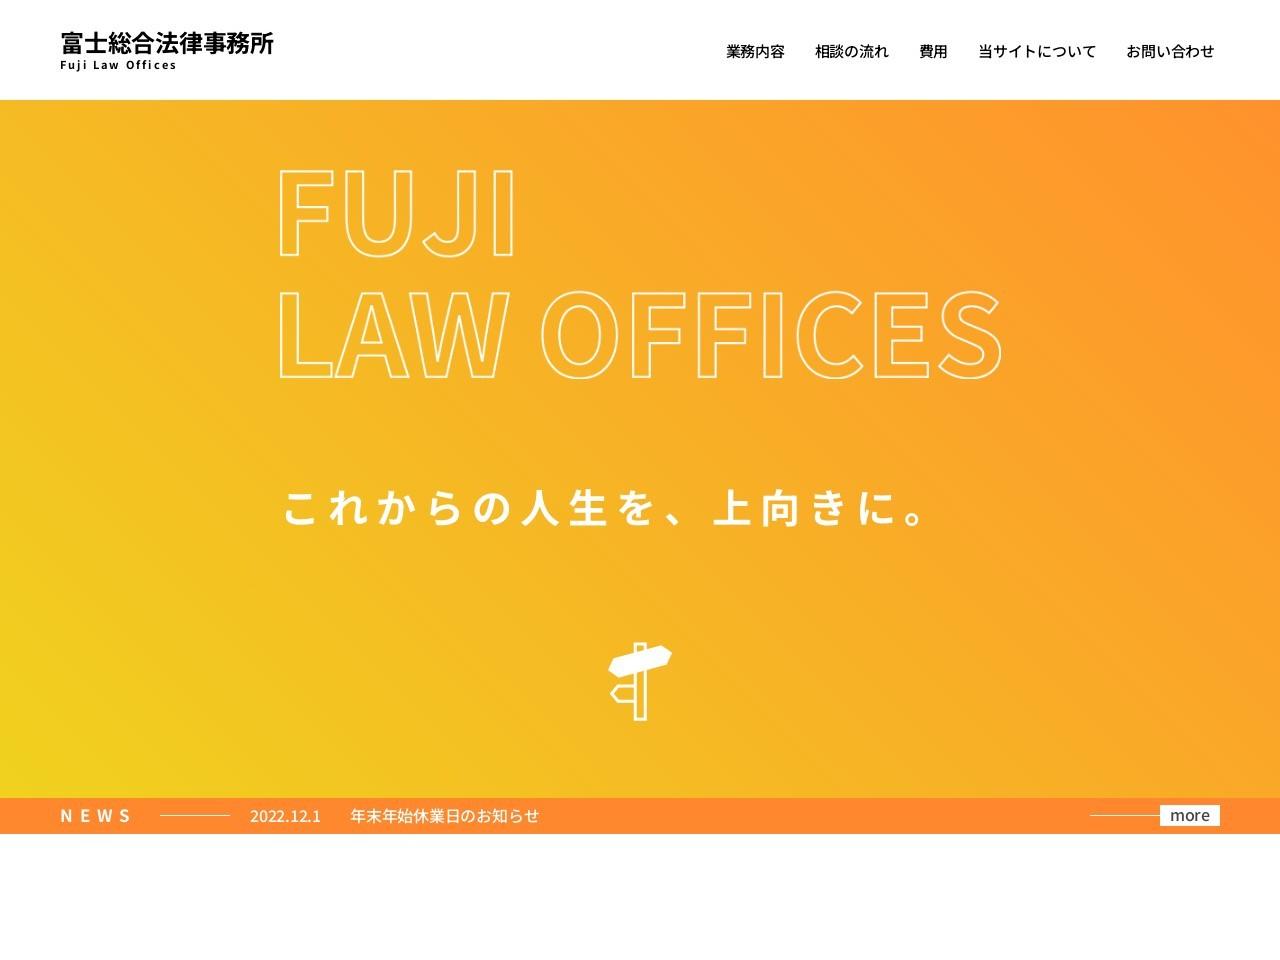 富士総合法律事務所